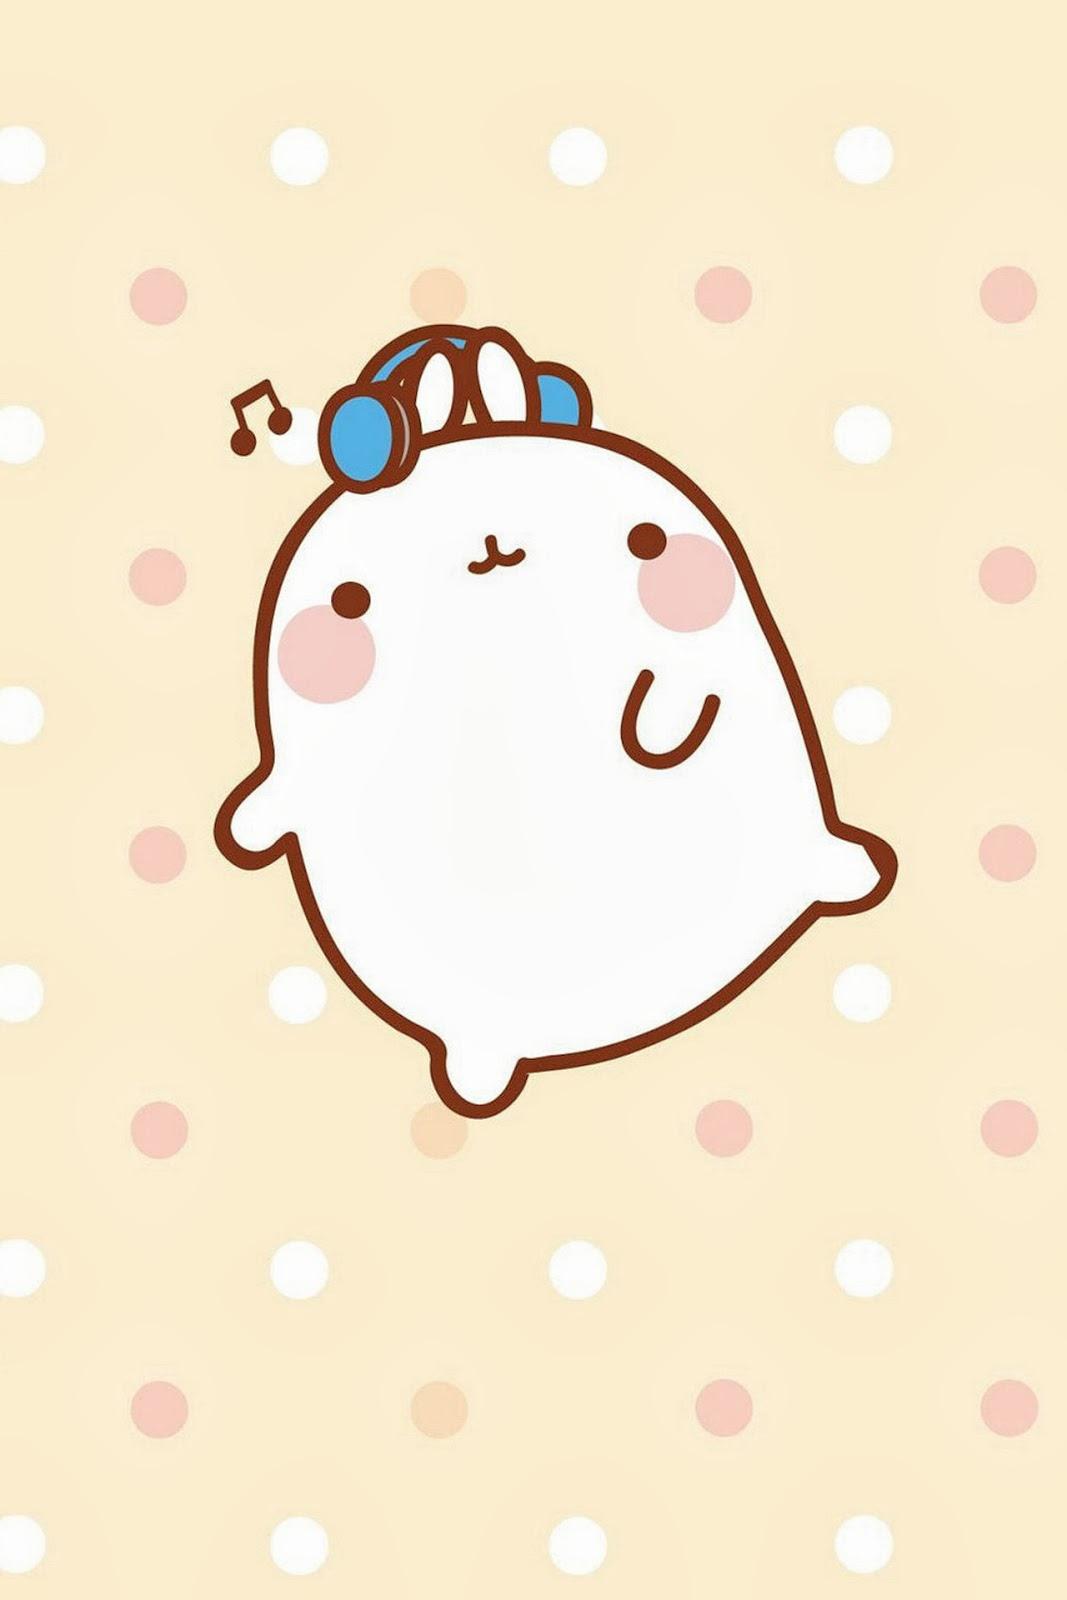 Asian dreams ♡: Kawaii wallpapers for ur phone~ / Kawaii tapety na telefon~